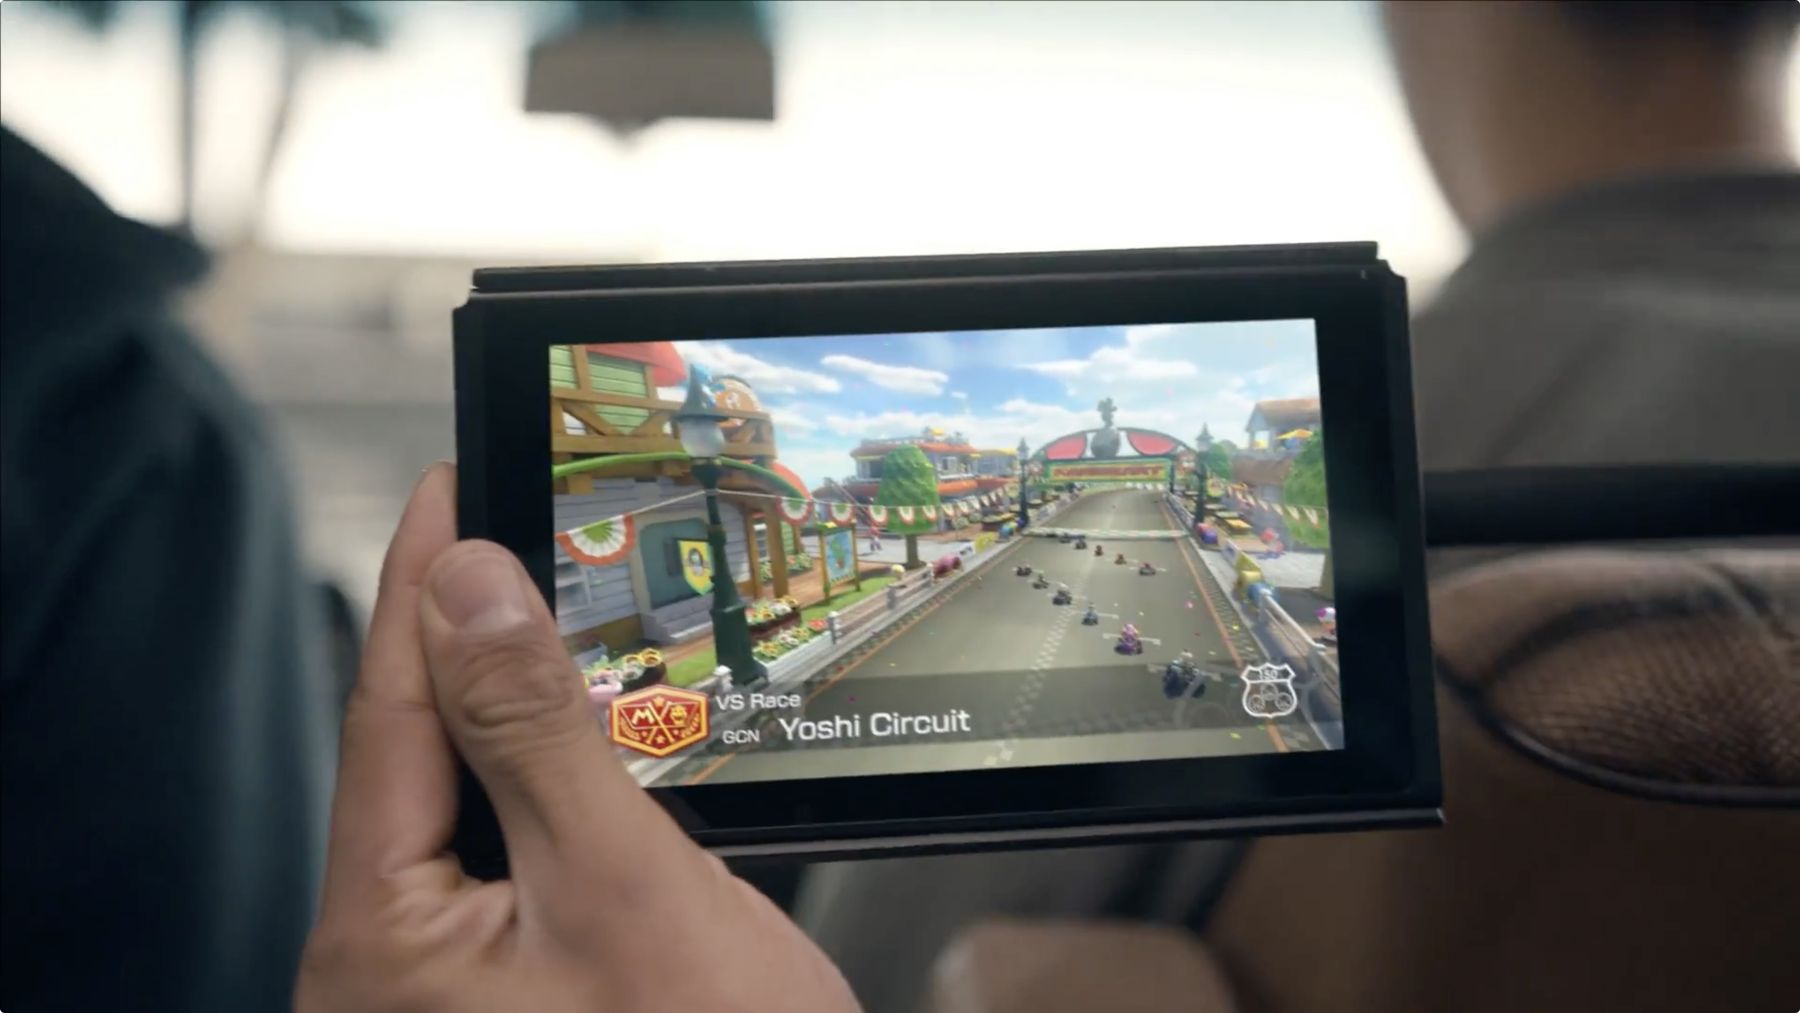 La Nintendo Switch sans contrôleurs ou dock